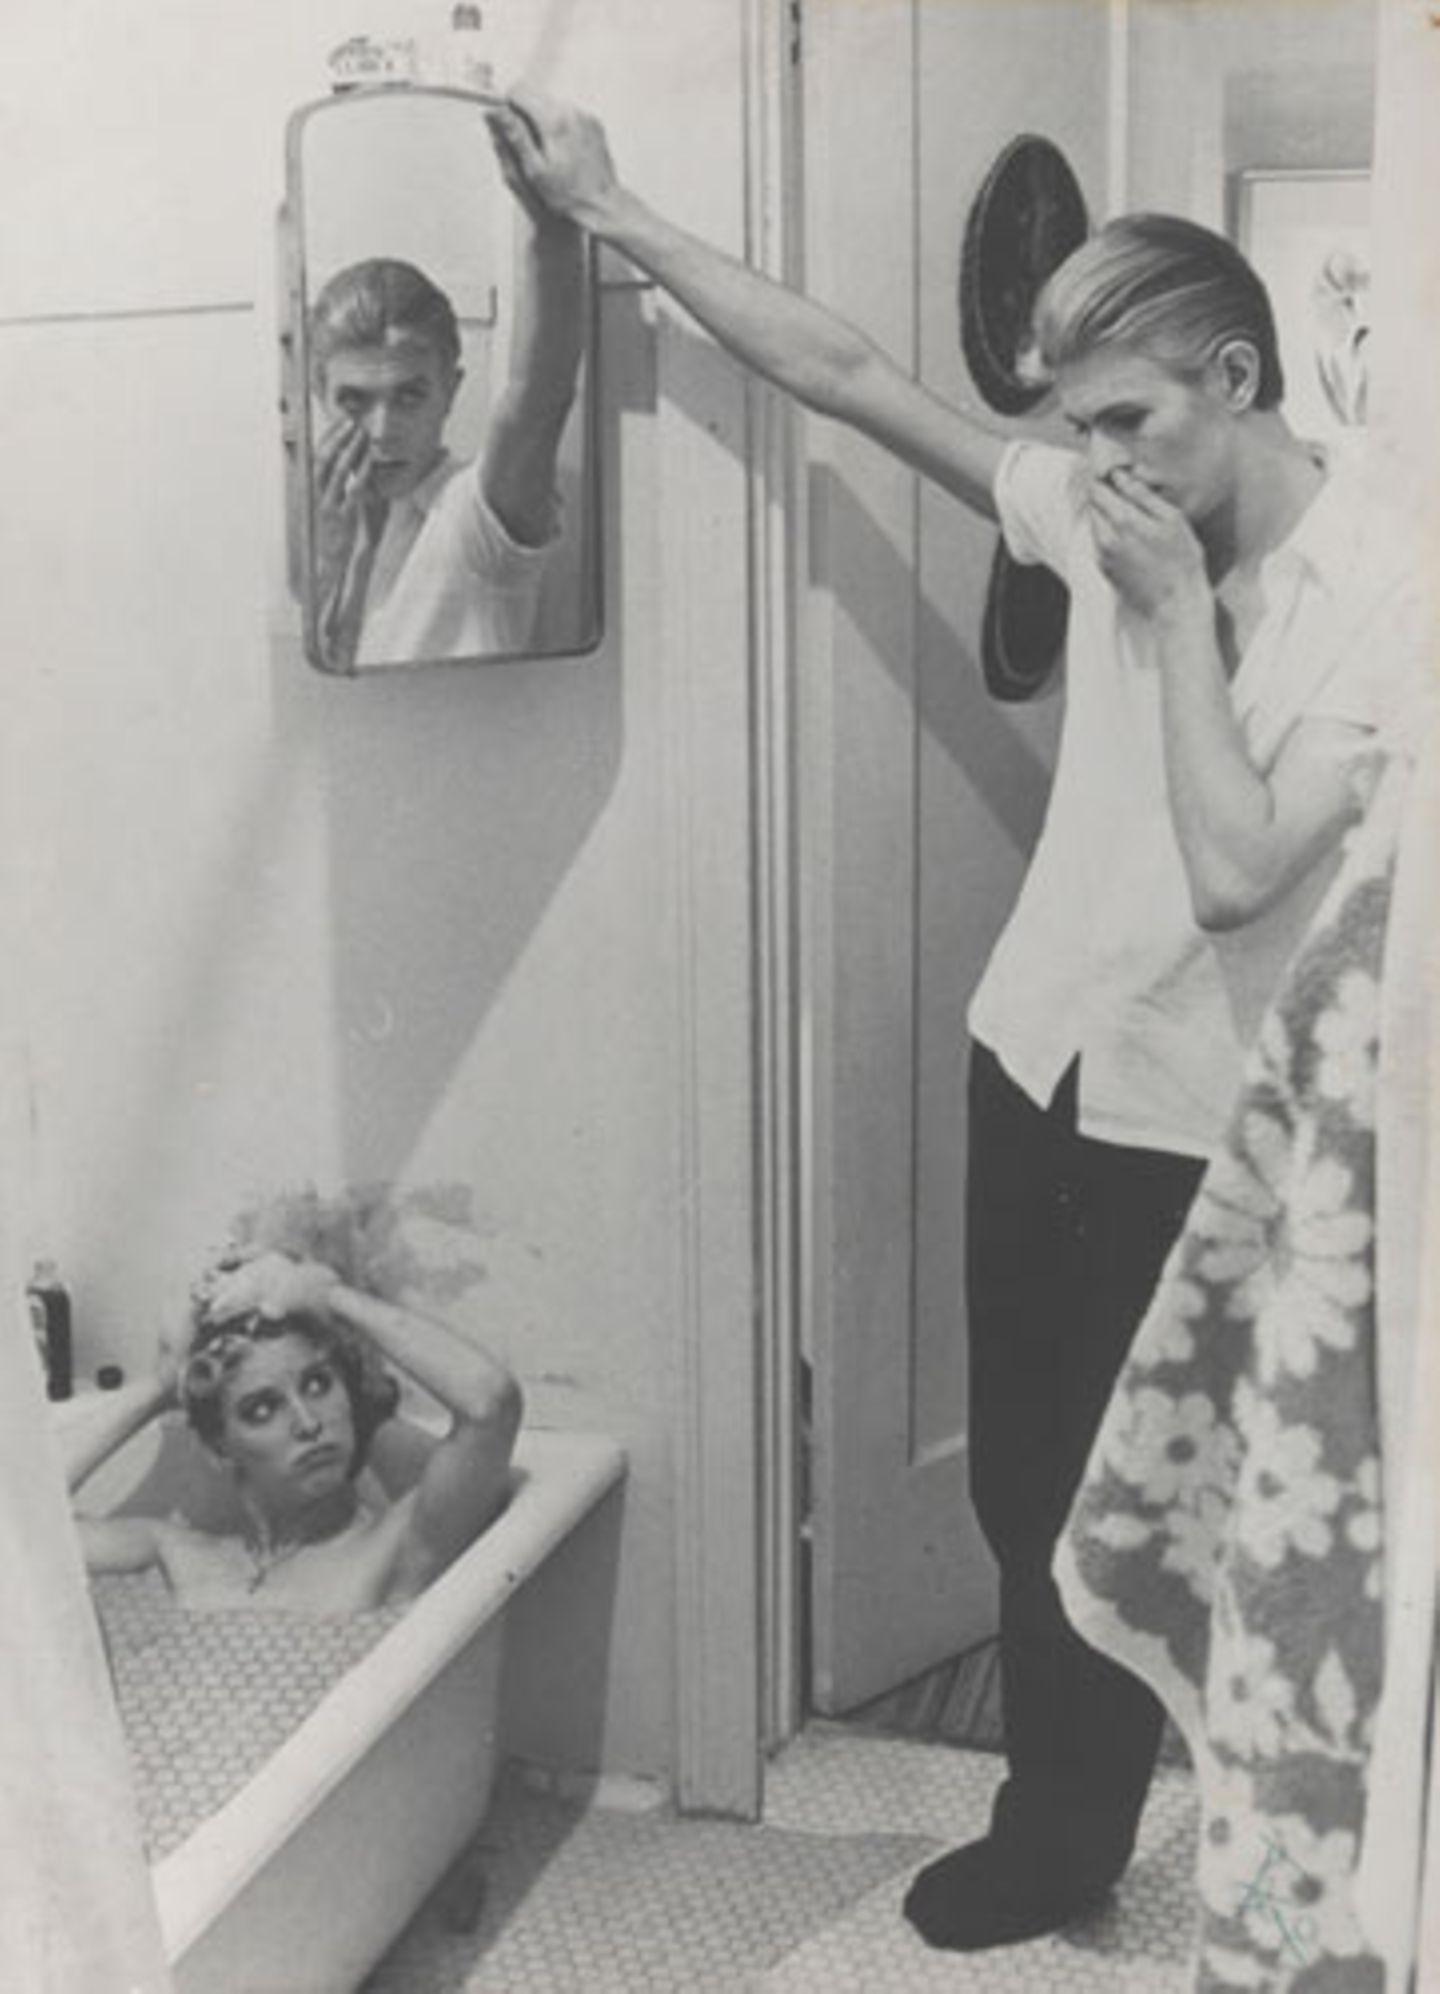 """Fotocollage mit bearbeiteten Film-Standbildern aus """"The Man Who Fell to Earth"""", 1975-1976 Film-Standbilder von David James"""